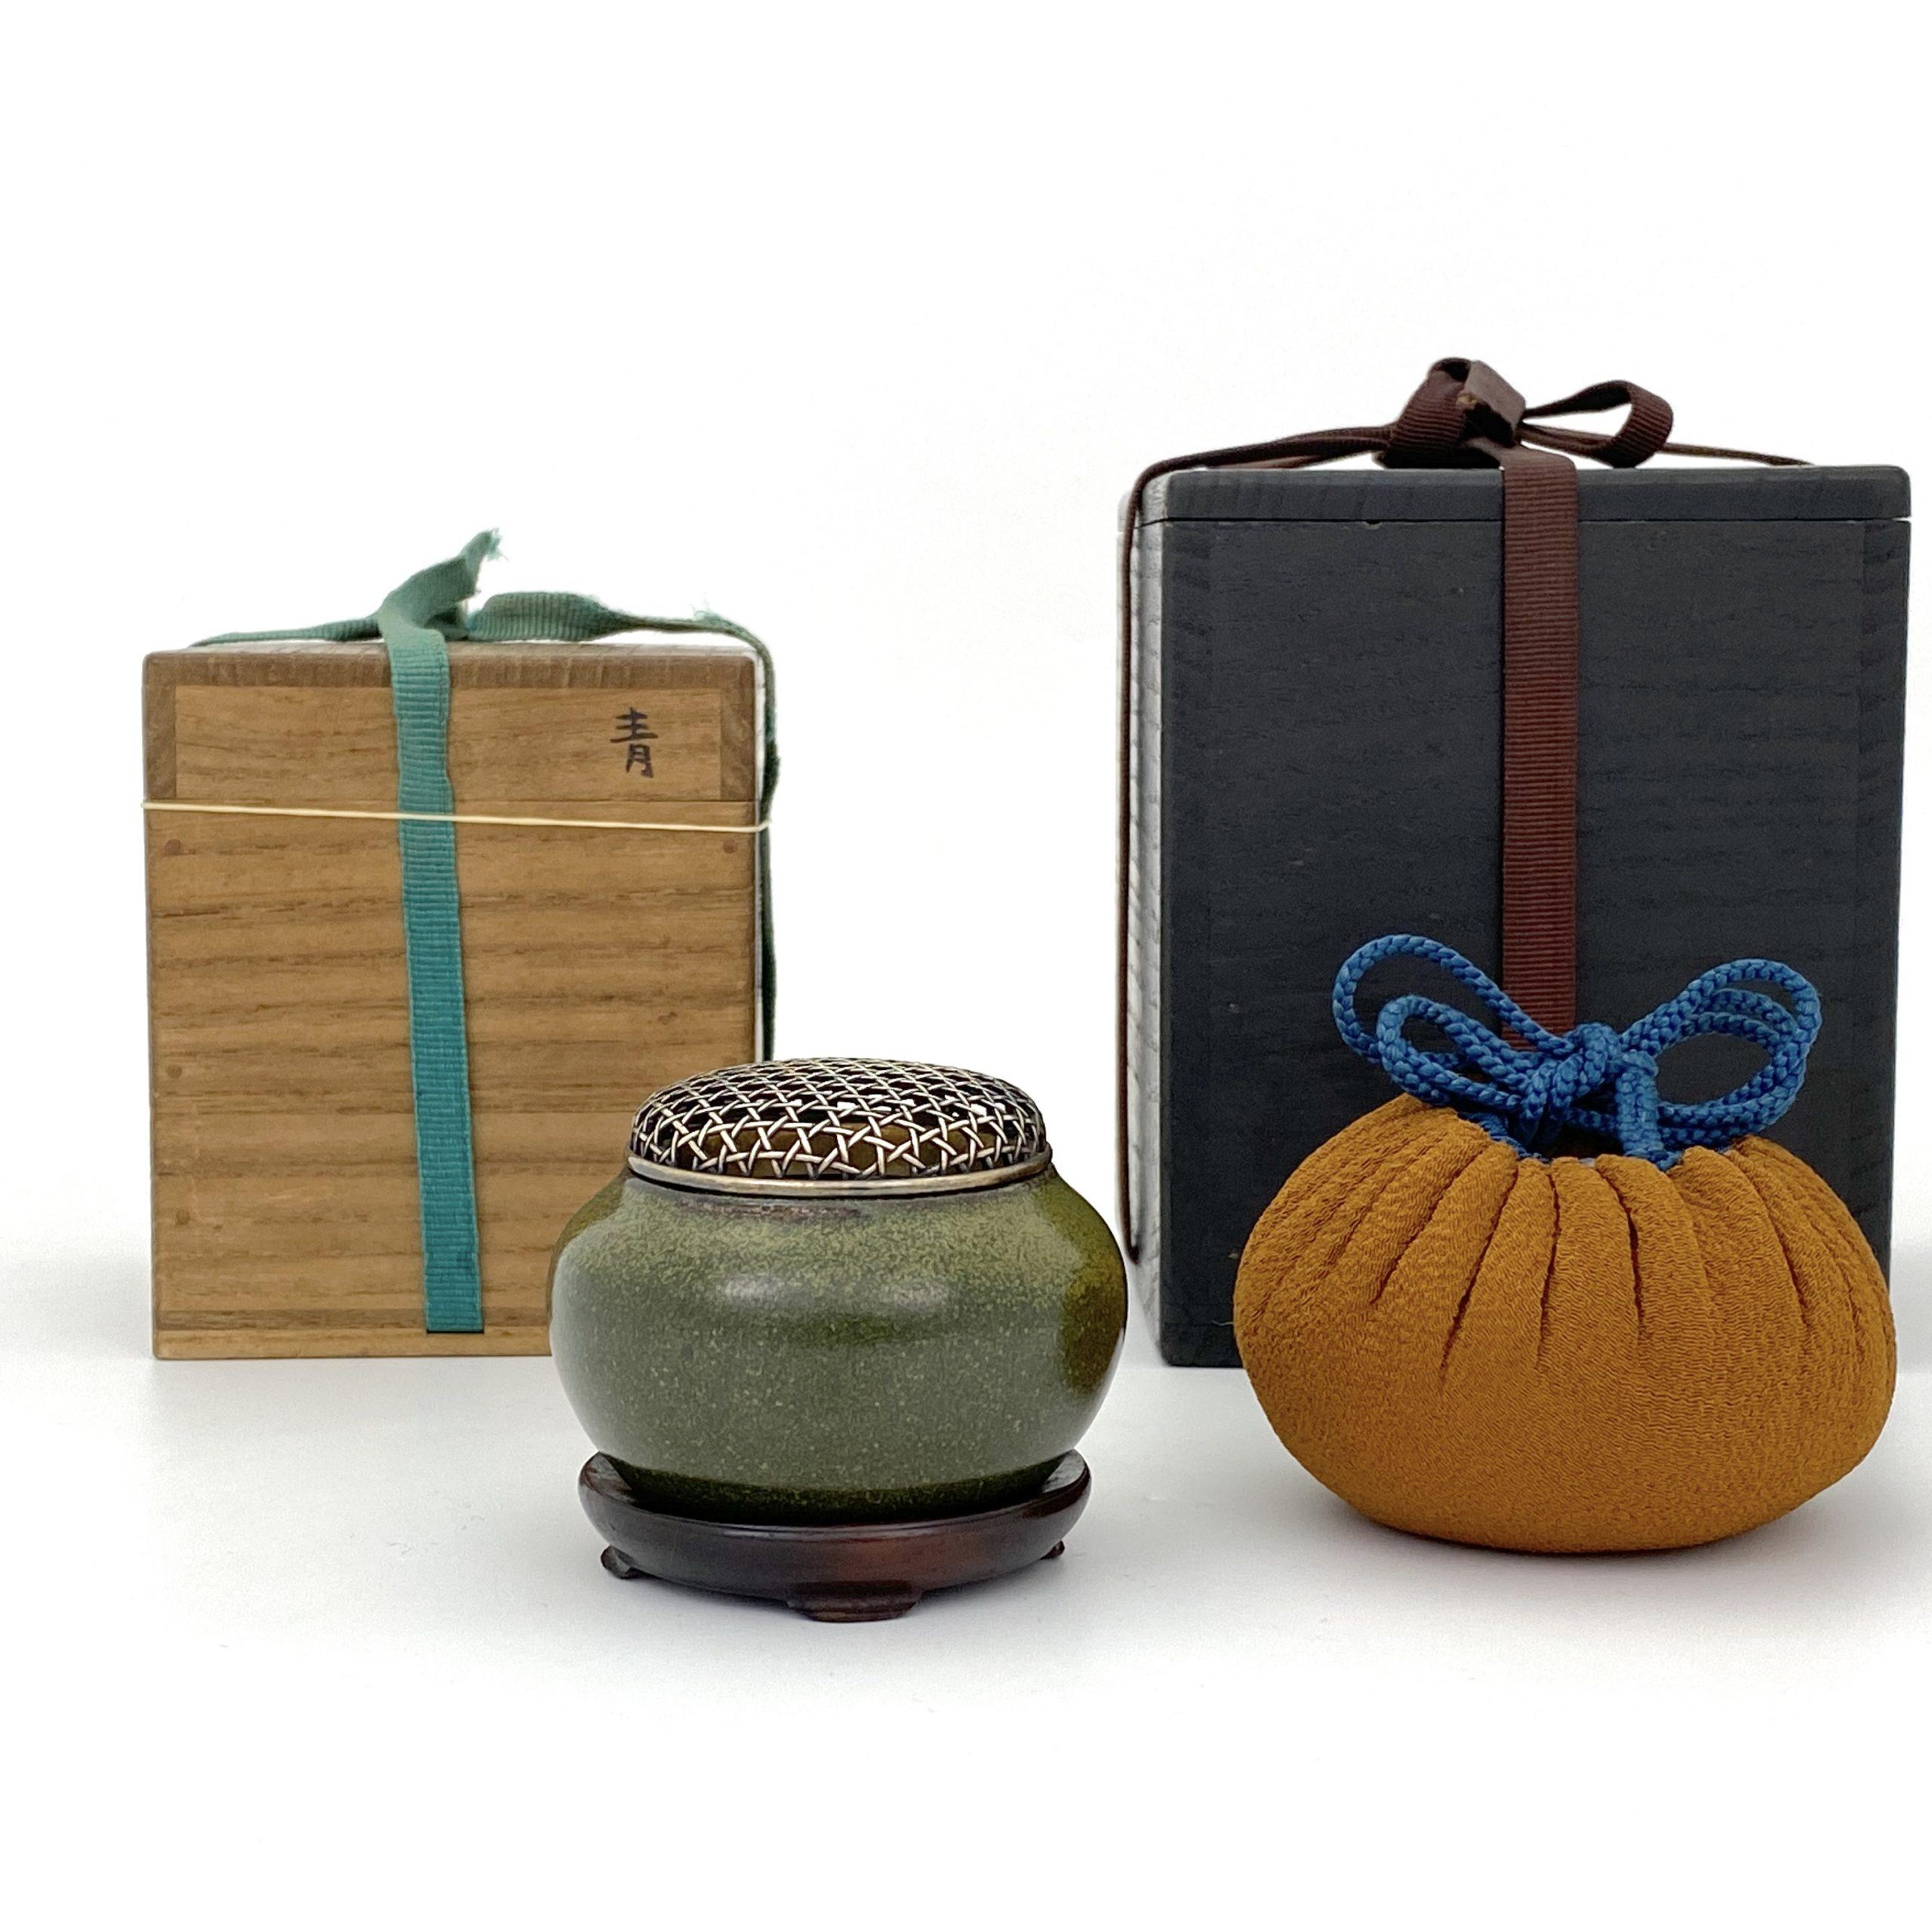 21087清中期 茶葉末釉 香爐 二重箱